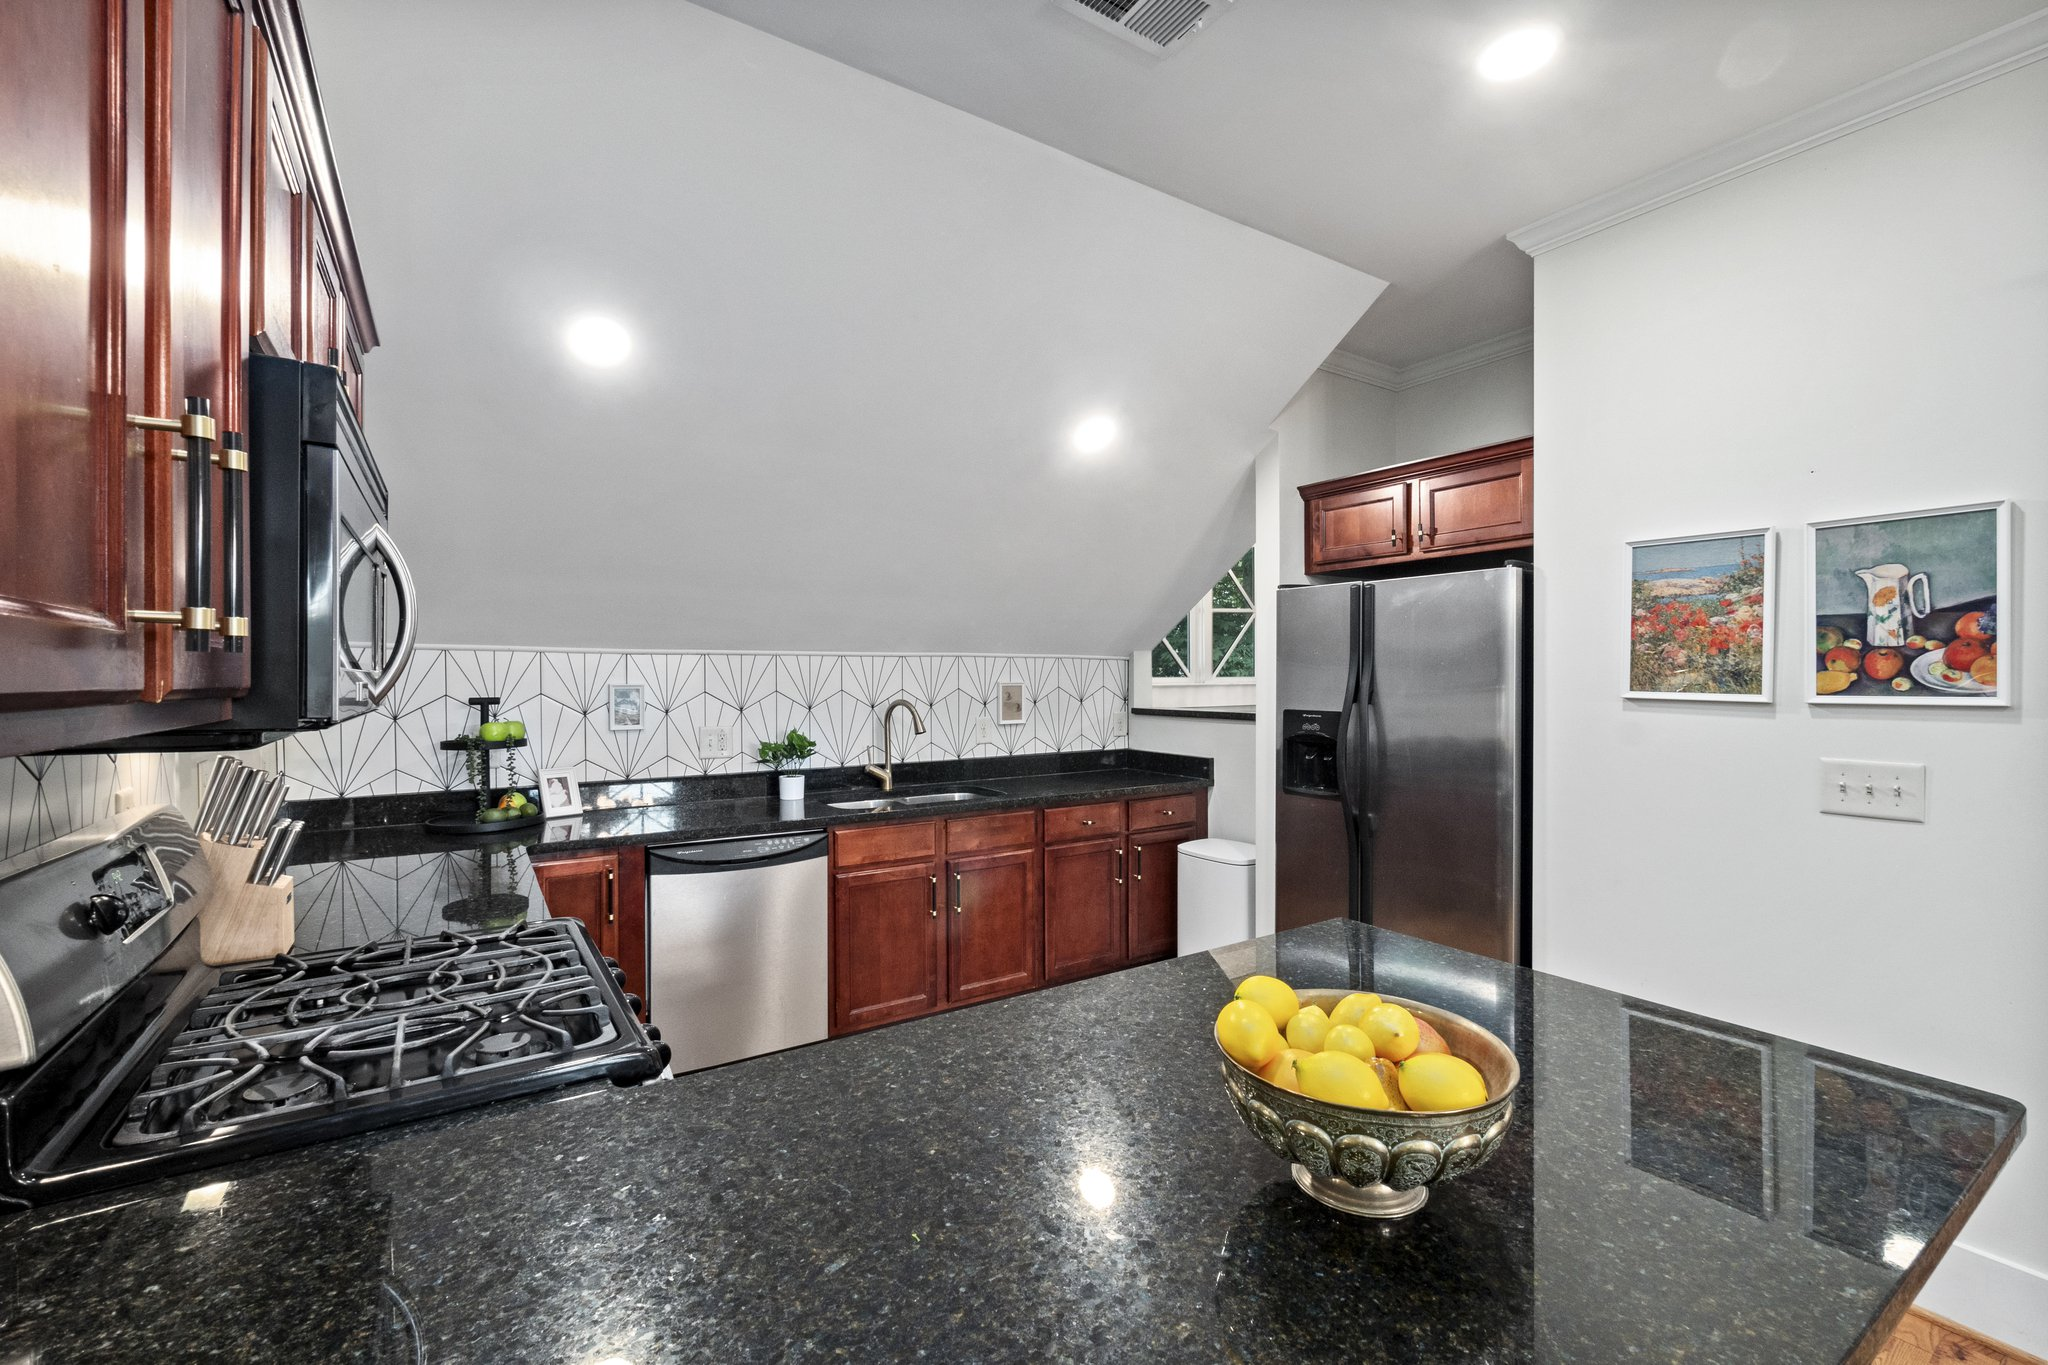 13 kitchen15.jpg